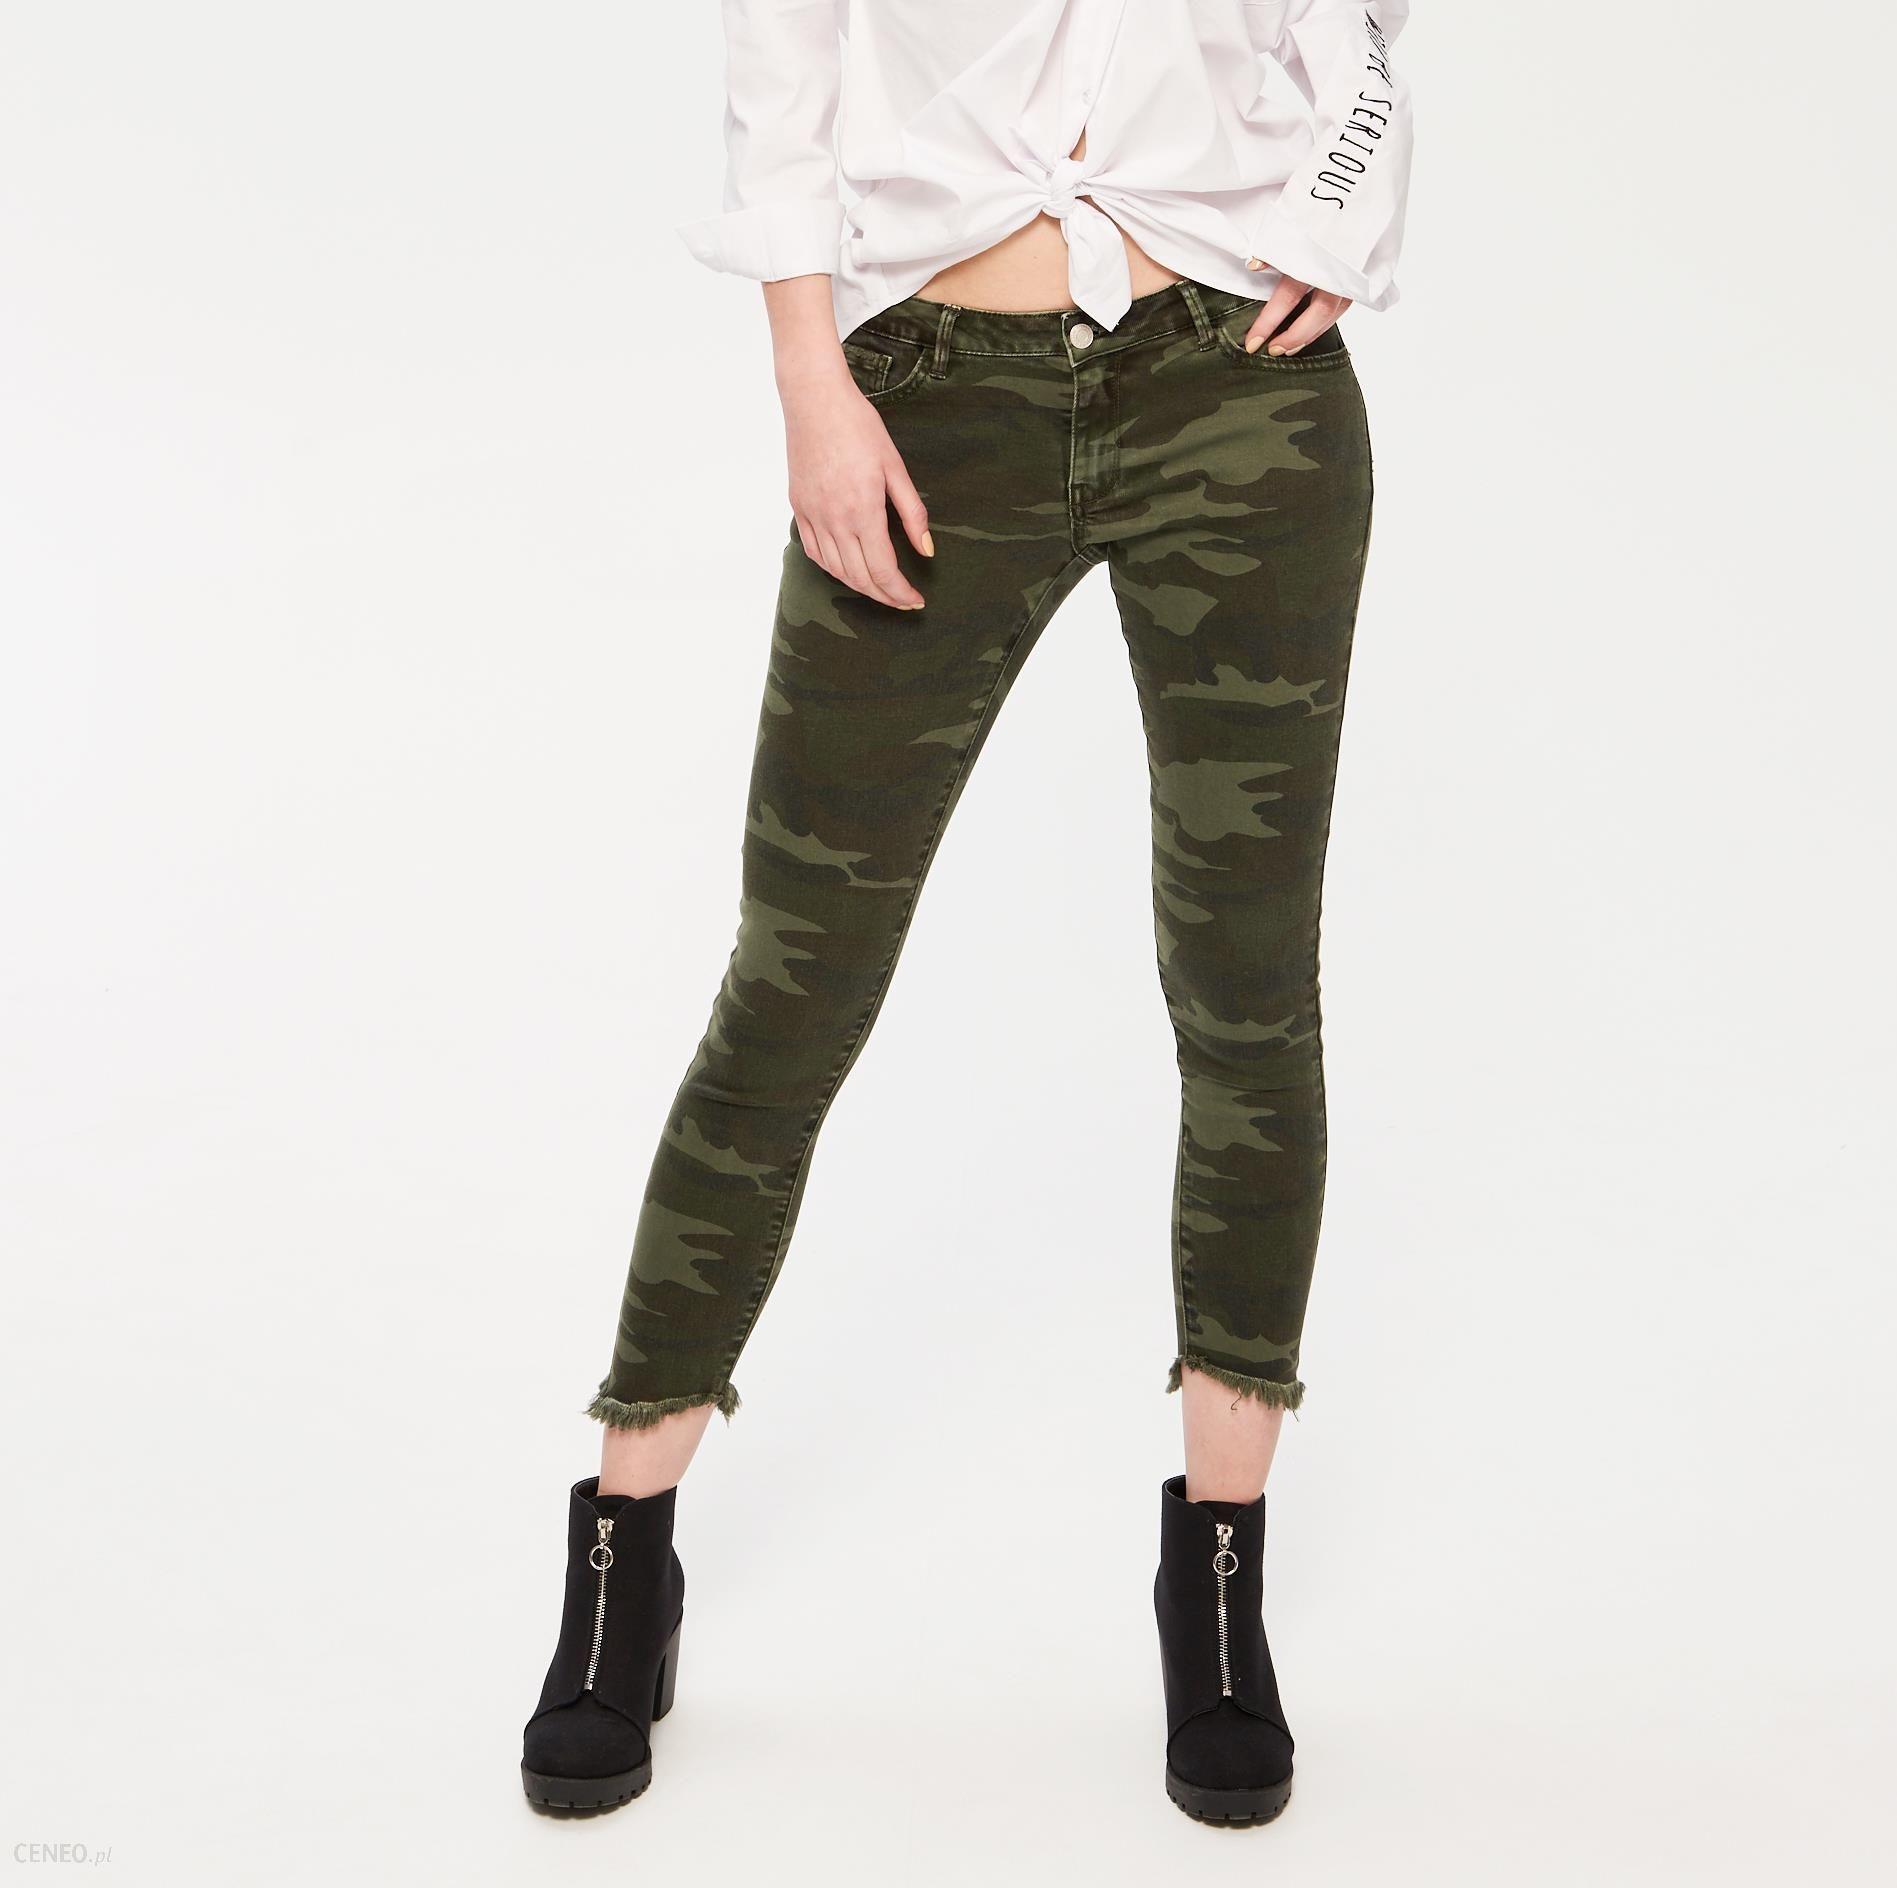 56590bb9145961 Sinsay - Jeansowe spodnie moro - Wielobarwn - damski - Ceny i opinie ...